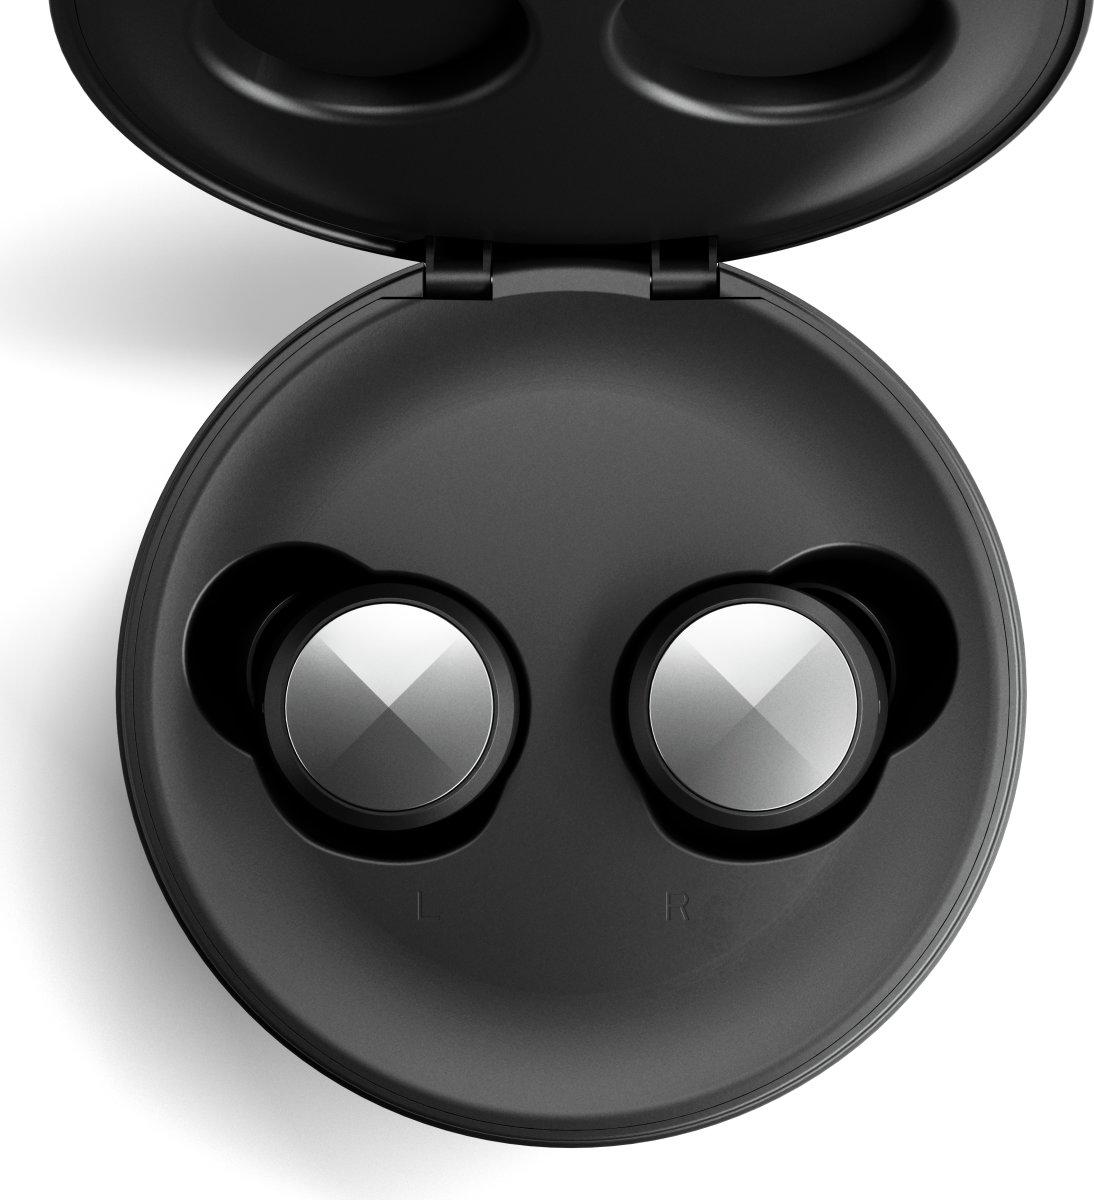 SACKit ROCKit trådløse hovedtelefoner, sort